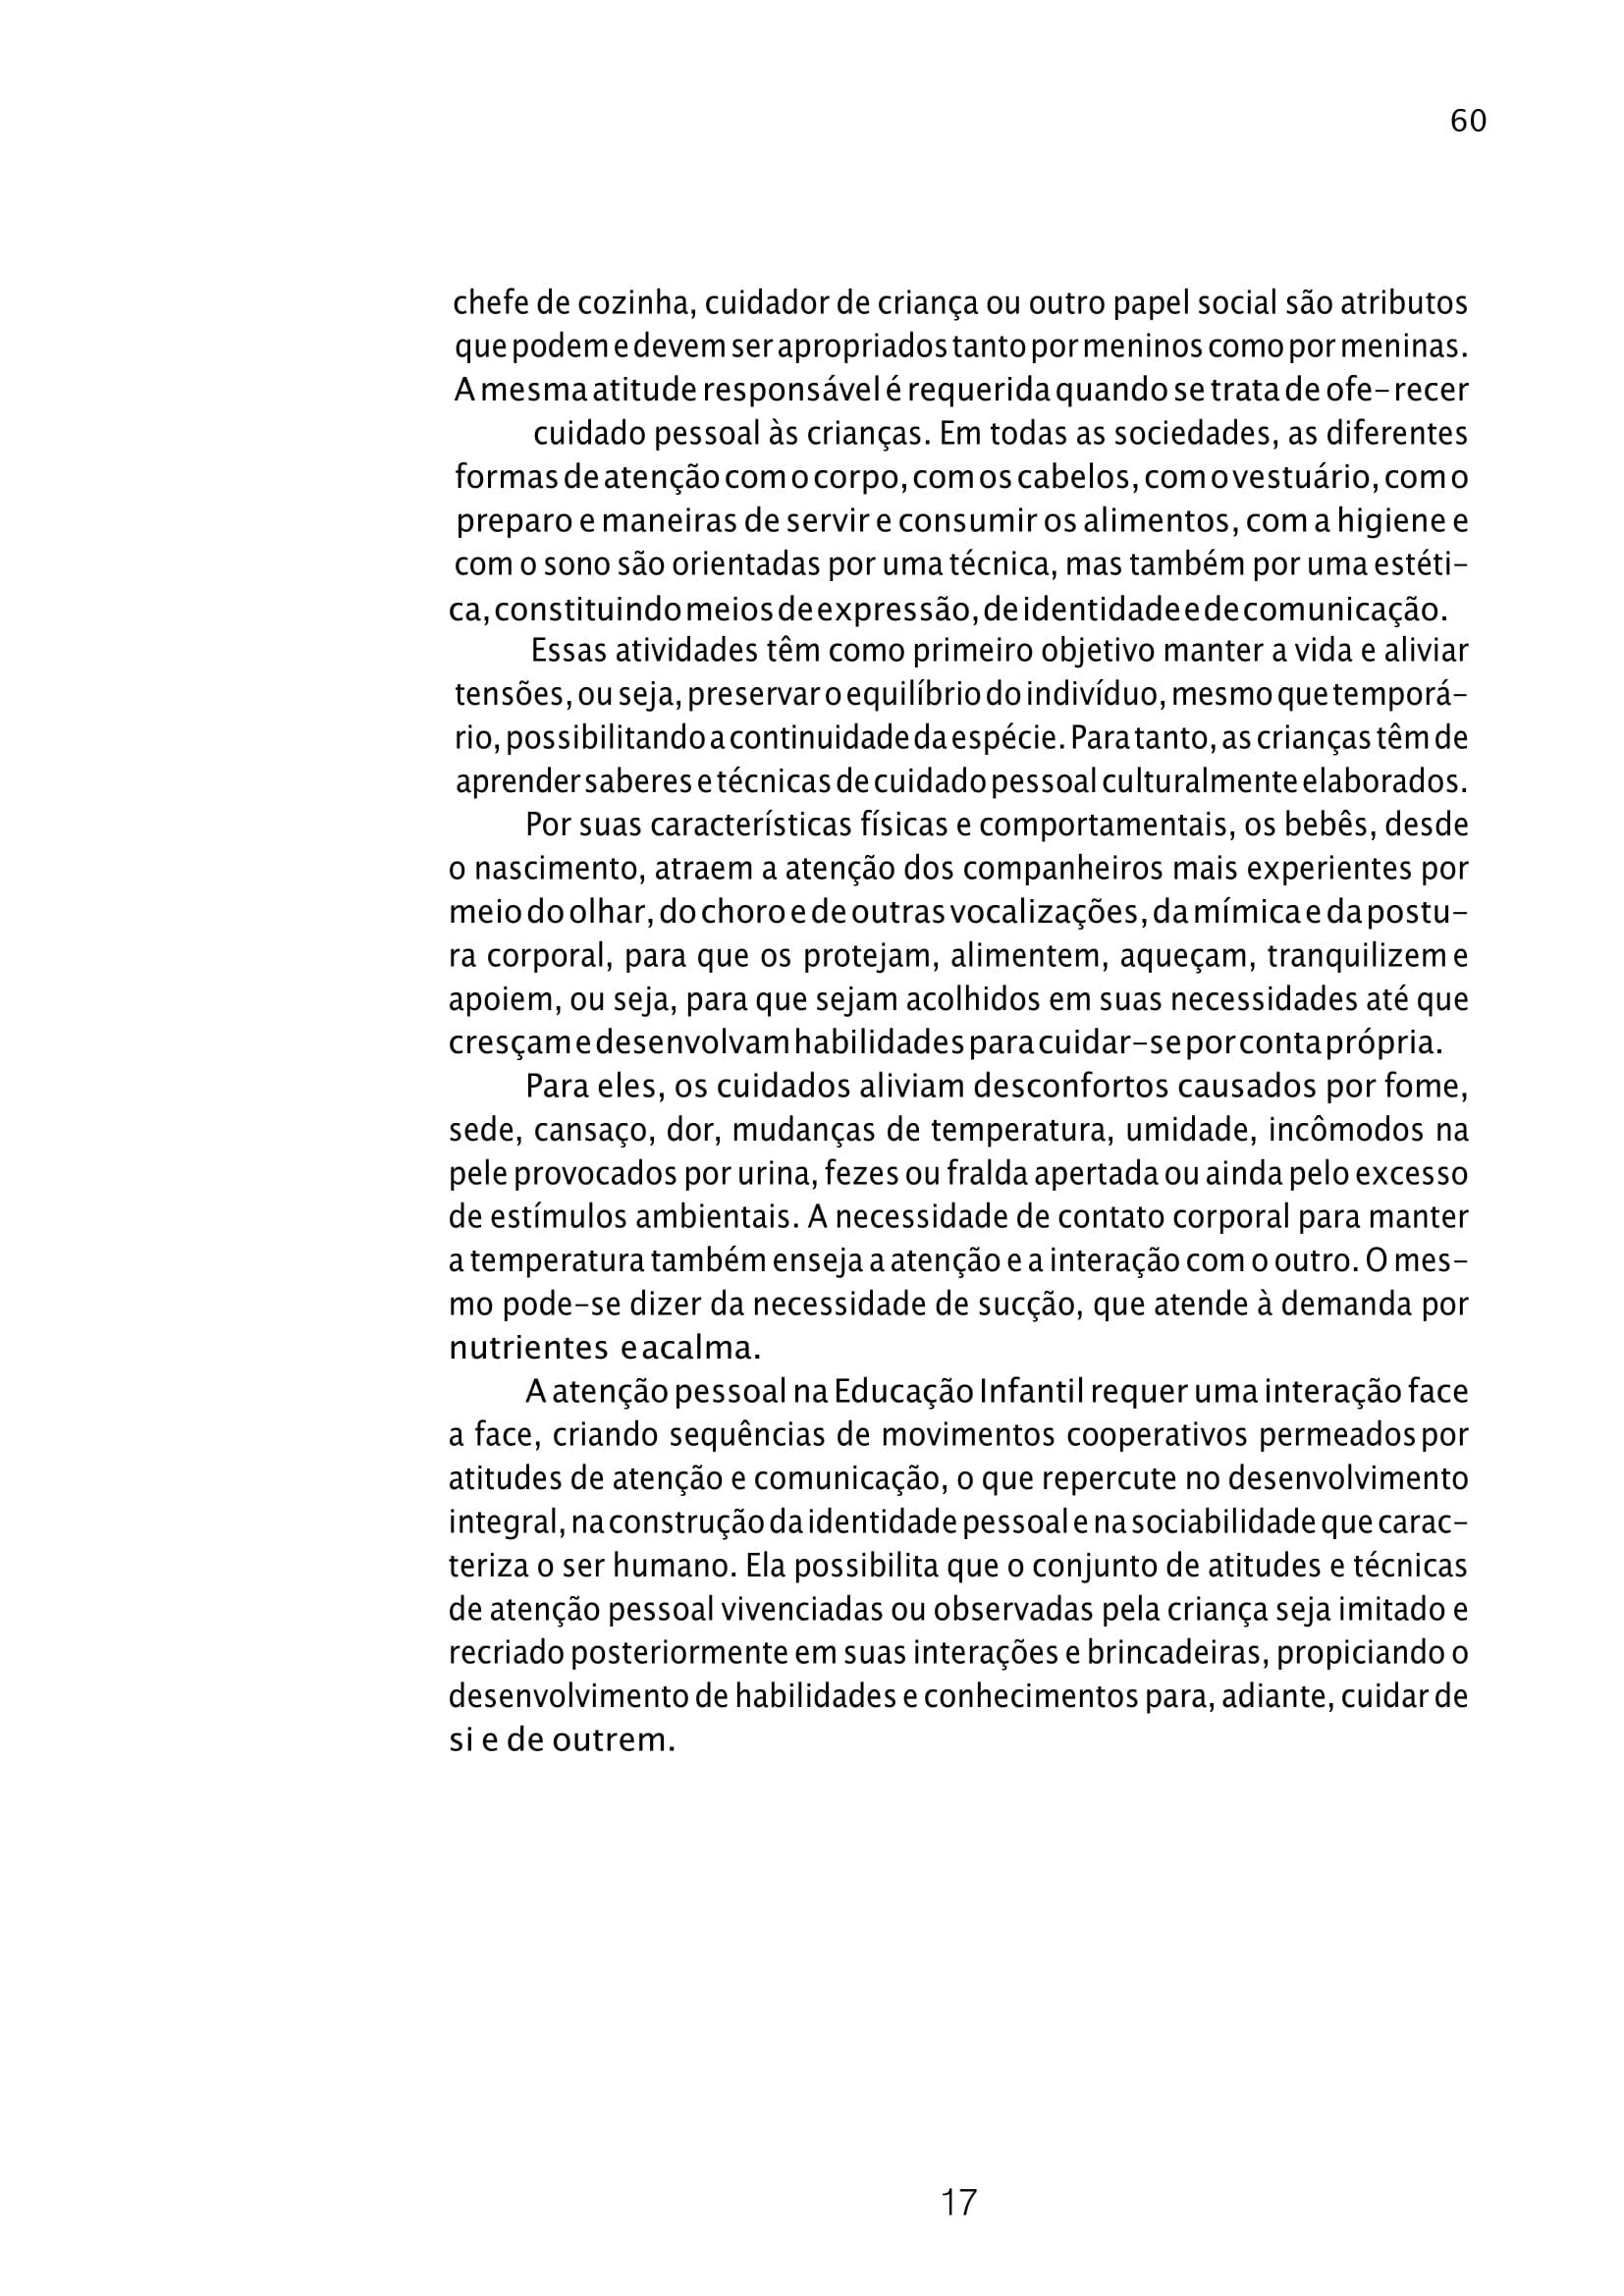 planejamento-educação-infantil-bncc-geral-90